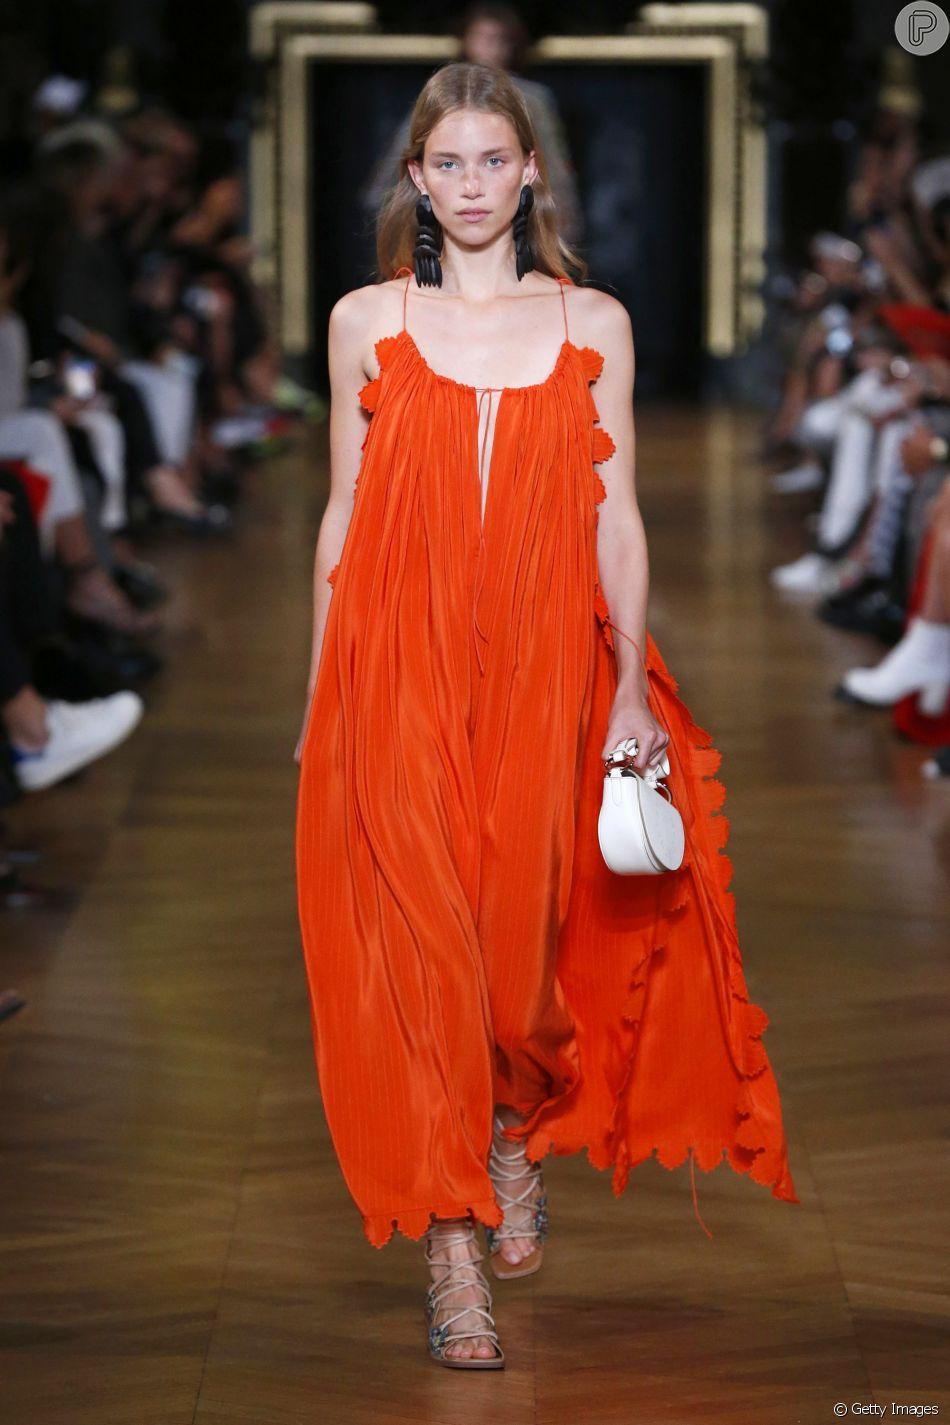 Um dos destaques da Semana de Moda de Paris para o verão 2020 foram os vestidos de festa em tons de laranja, como os de Stella McCartney